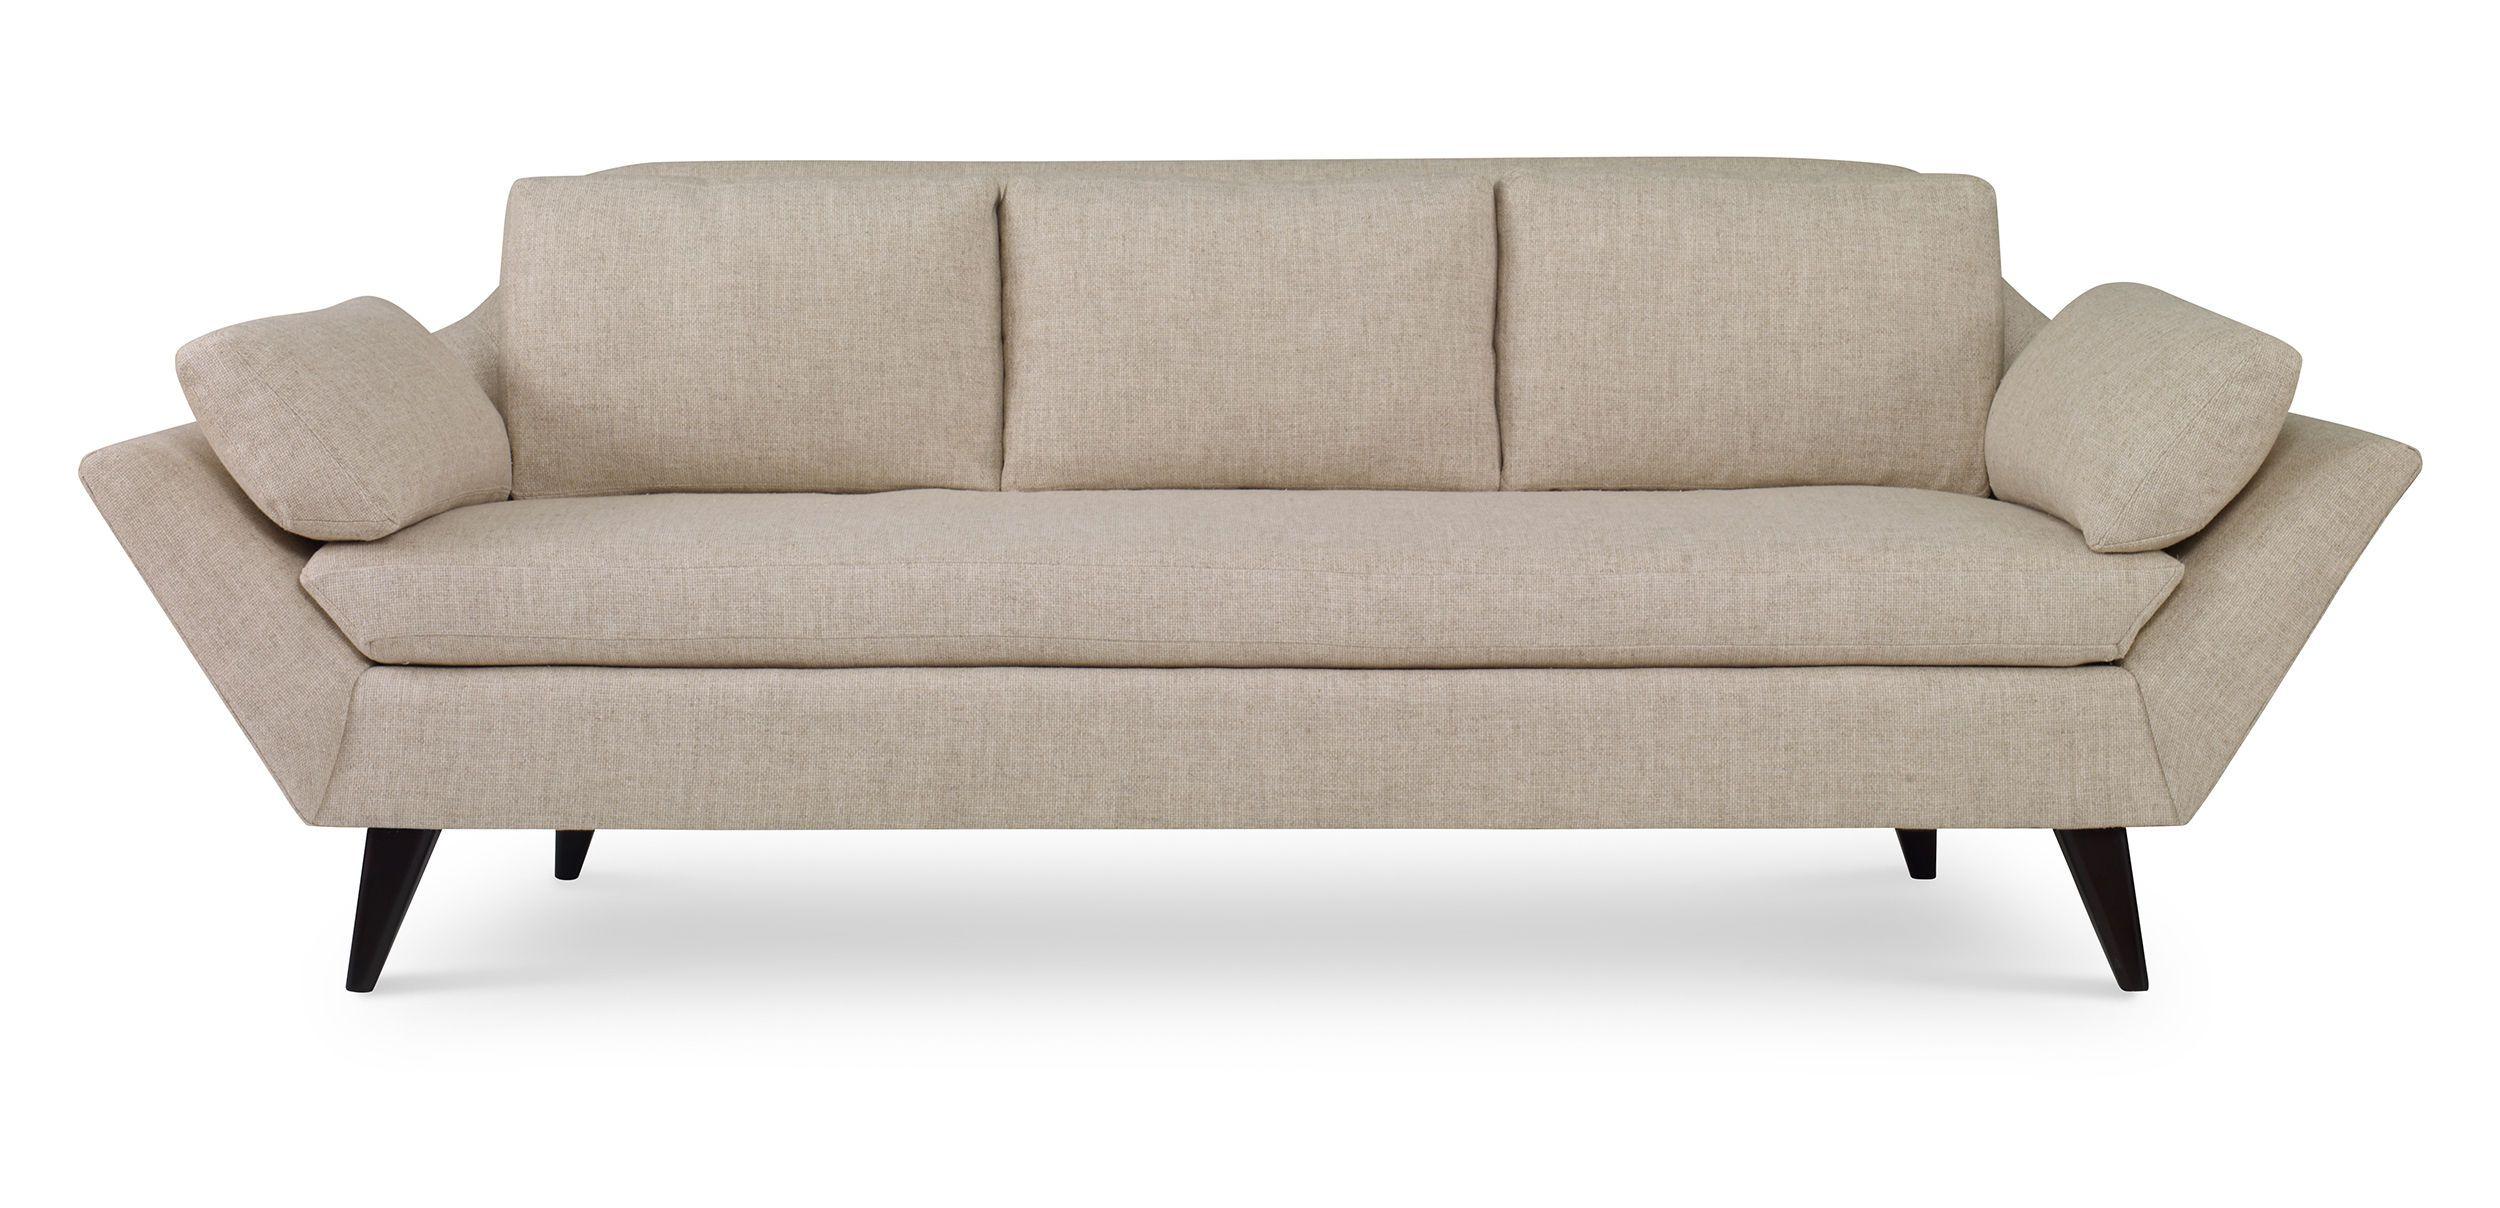 smart sofa designs slipcover for sectional kravet sofas merrimack s847 1s al new